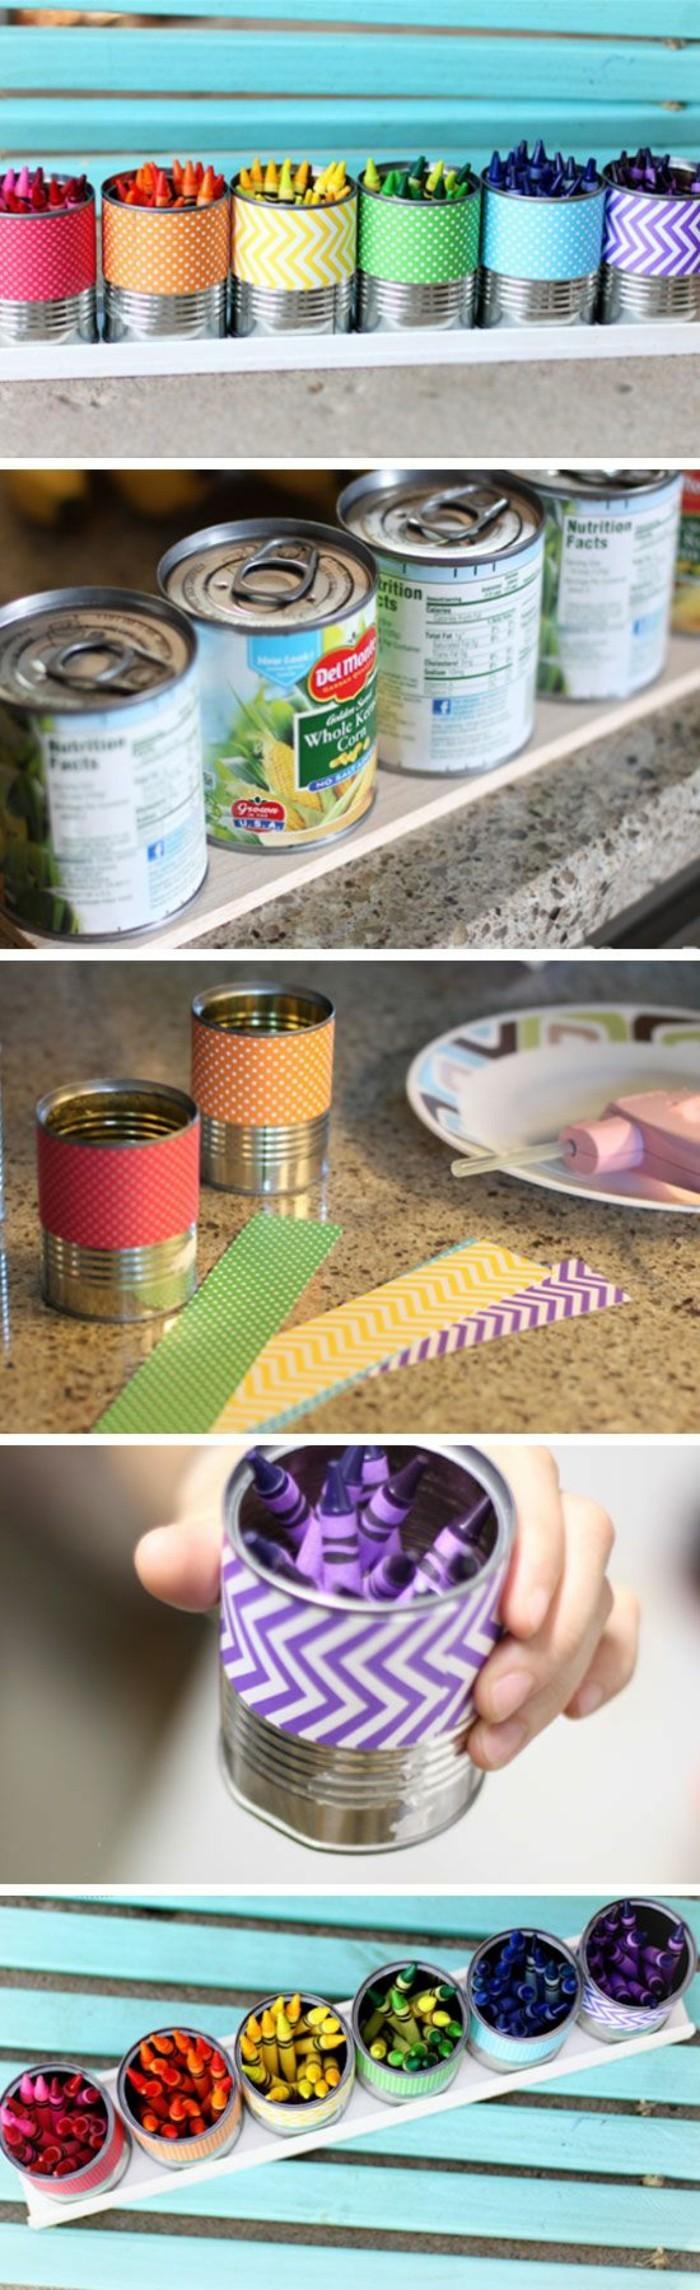 idée recyclage boite de conserve aluminium, décorer les canettes avec washi tape, diy porte-crayons facile à faire